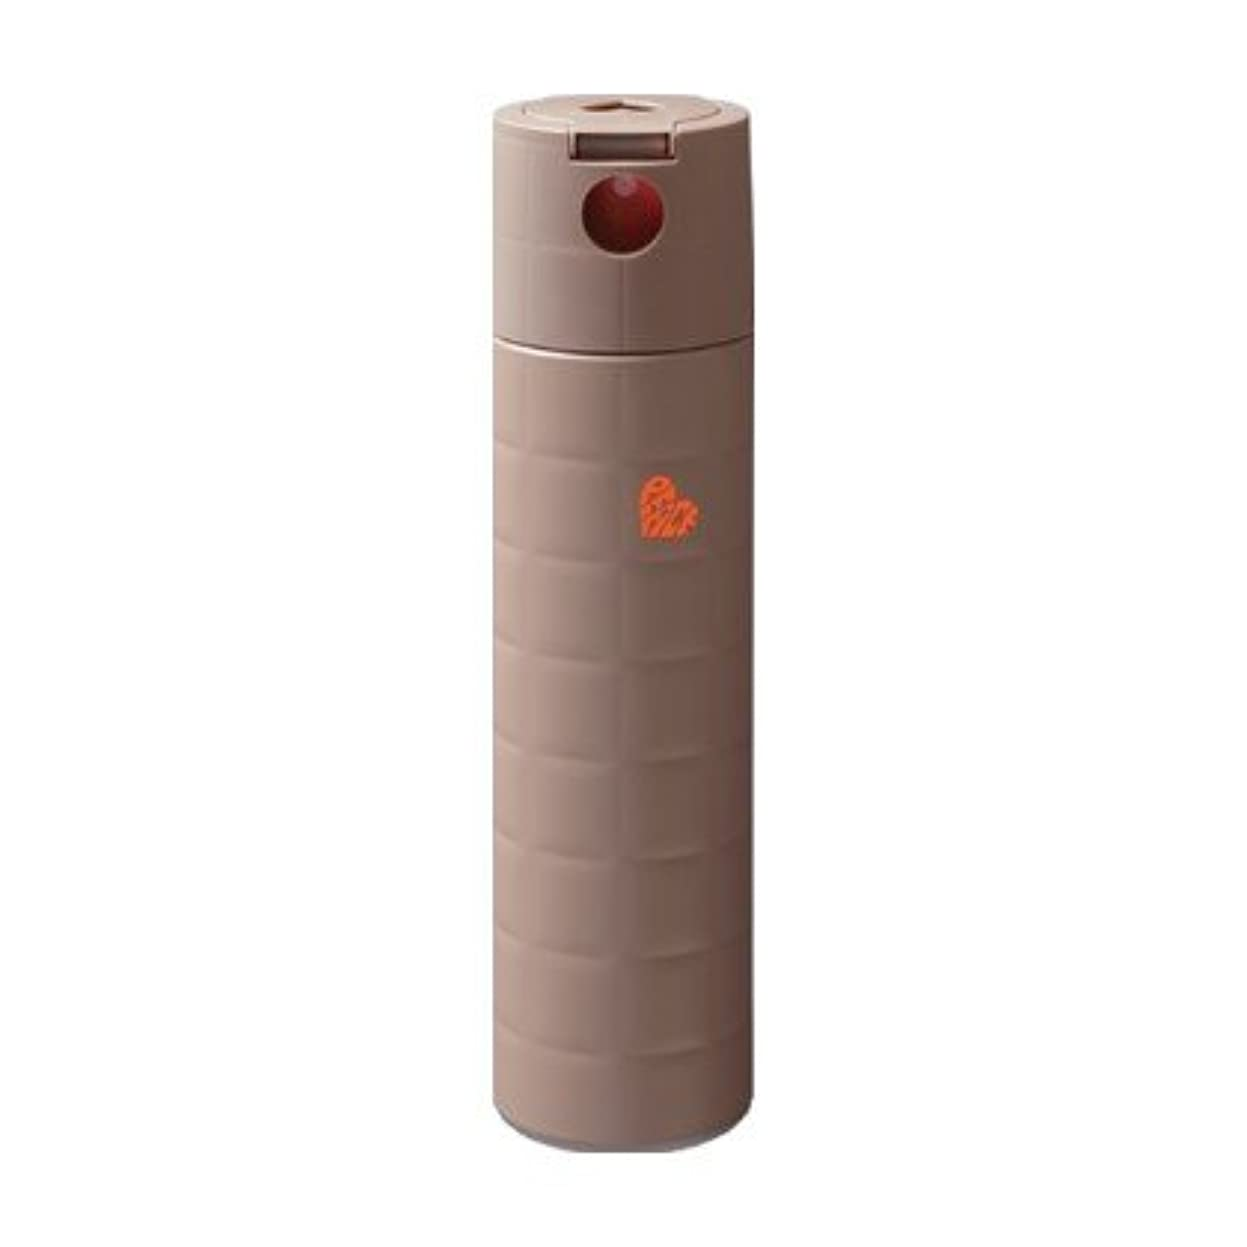 腸パンサーアクロバットアリミノ ピース ワックスspray カフェオレ 143g(200ml) スプレーライン ARIMINO PEACE